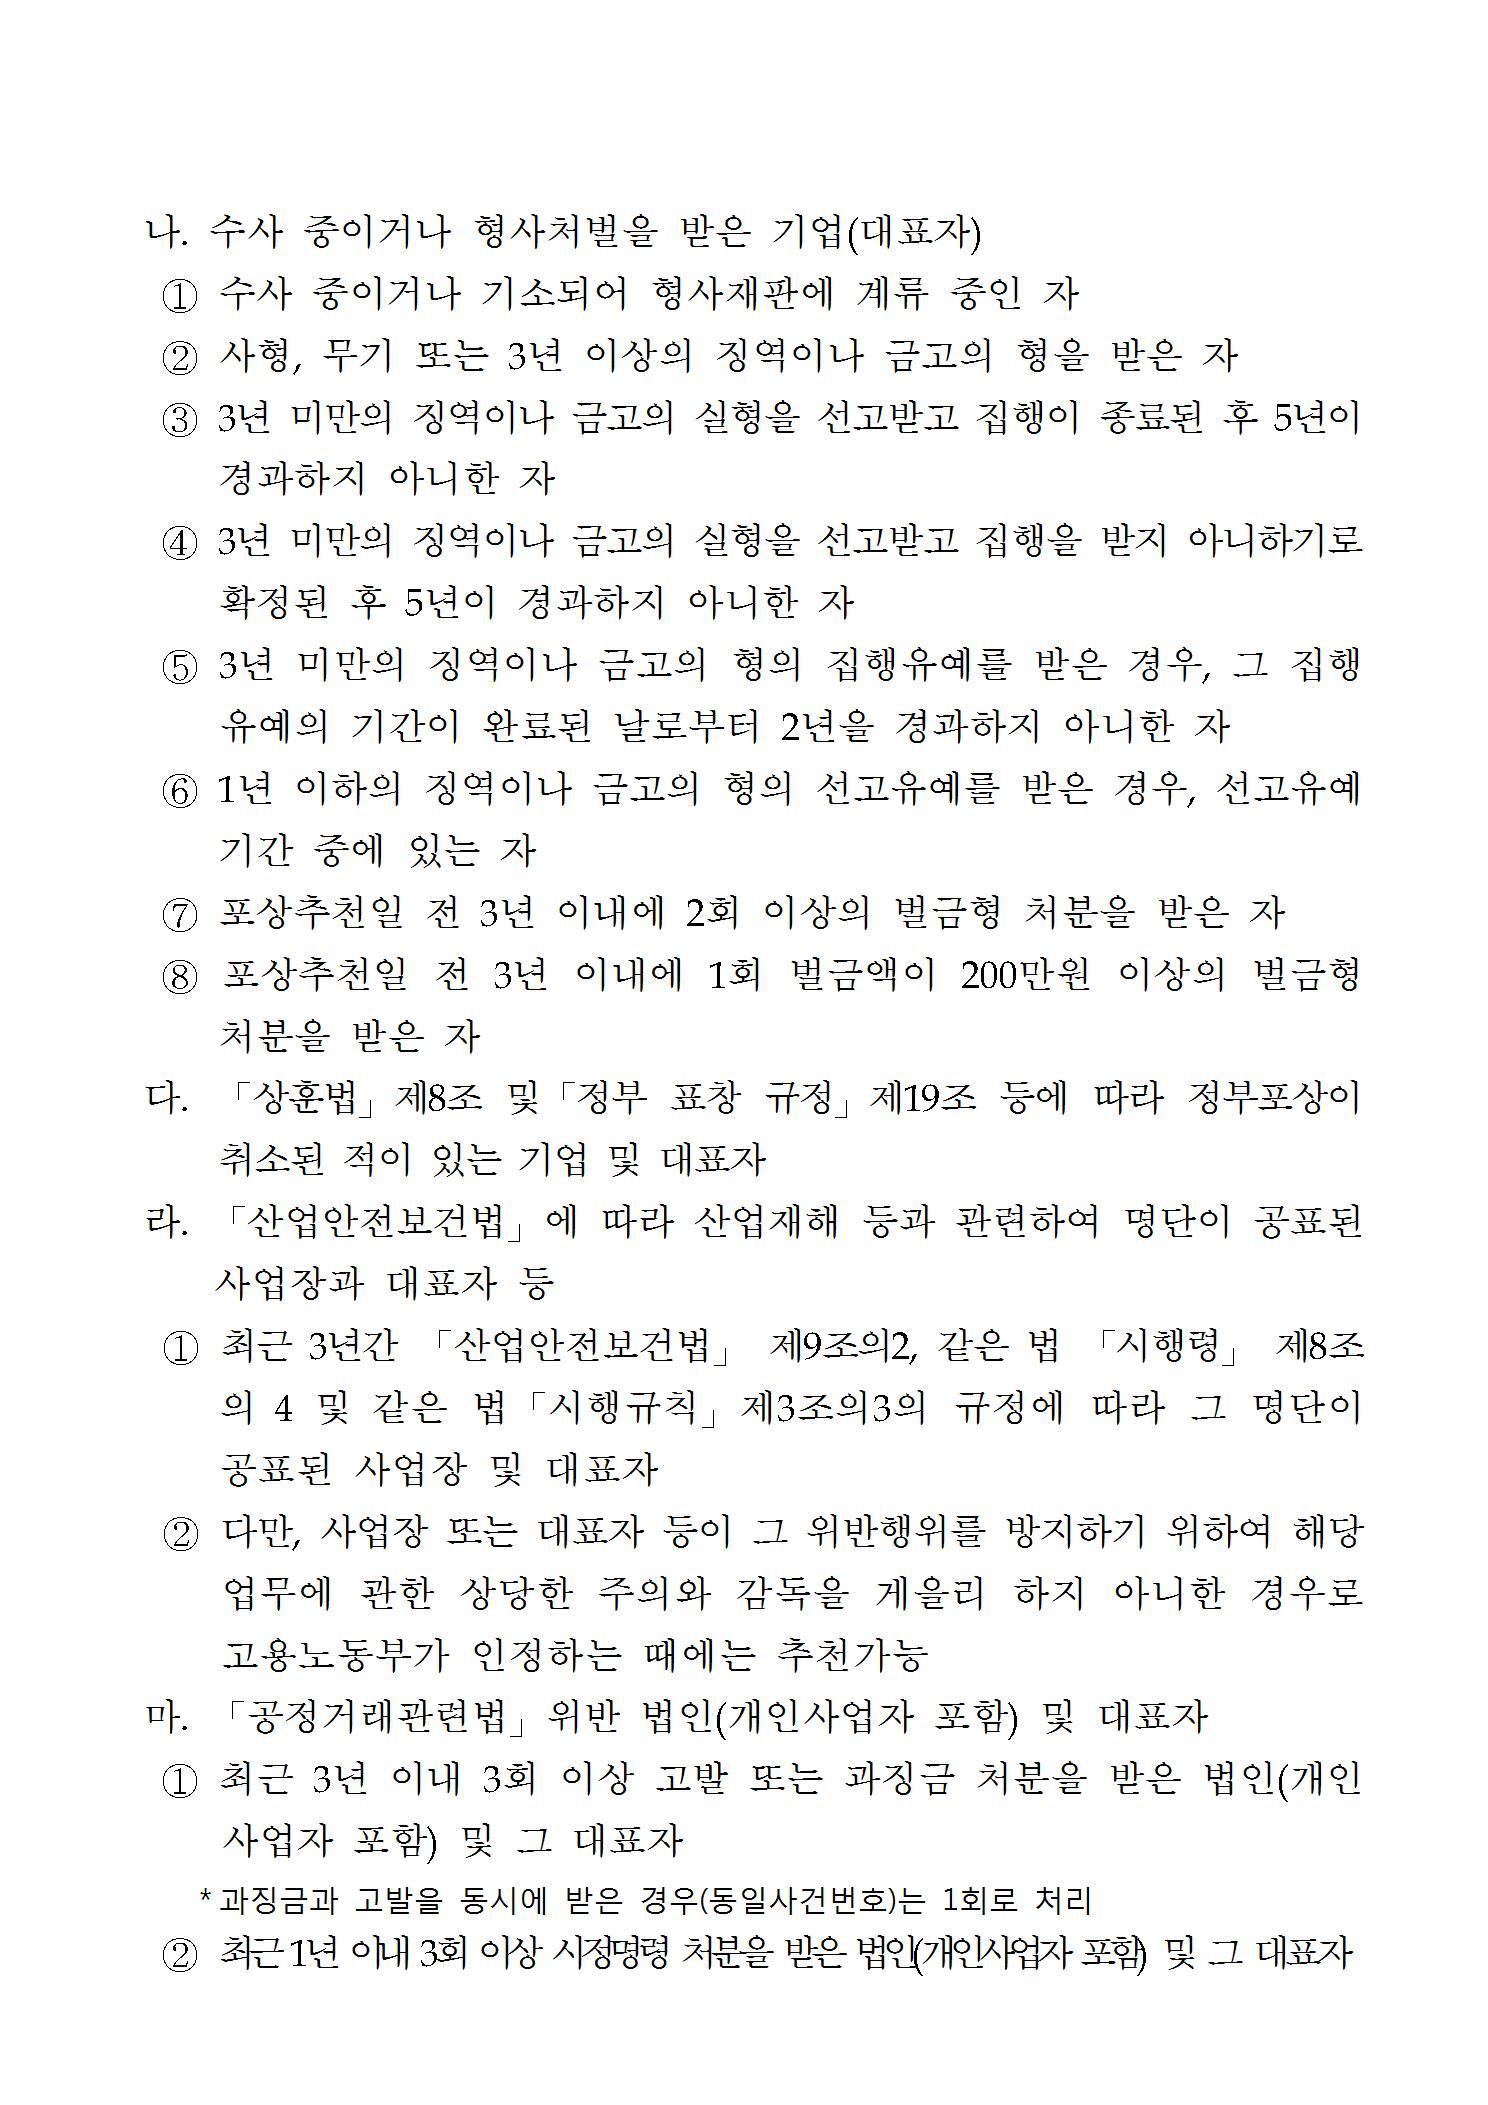 (공고문)_2017년 대구광역시 중소기업대상 공모002.jpg